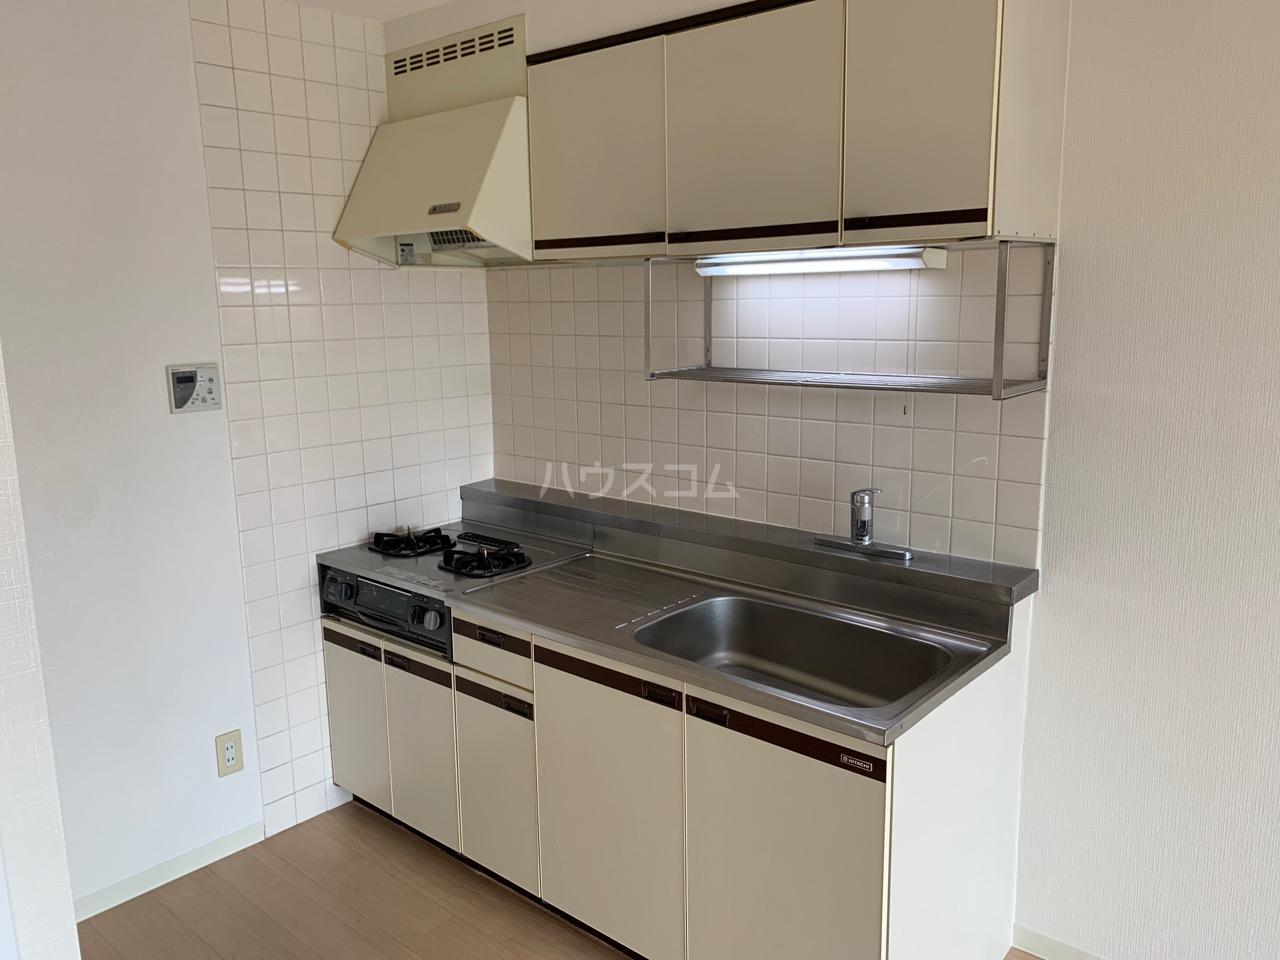 YMDⅢマンション 407号室のキッチン